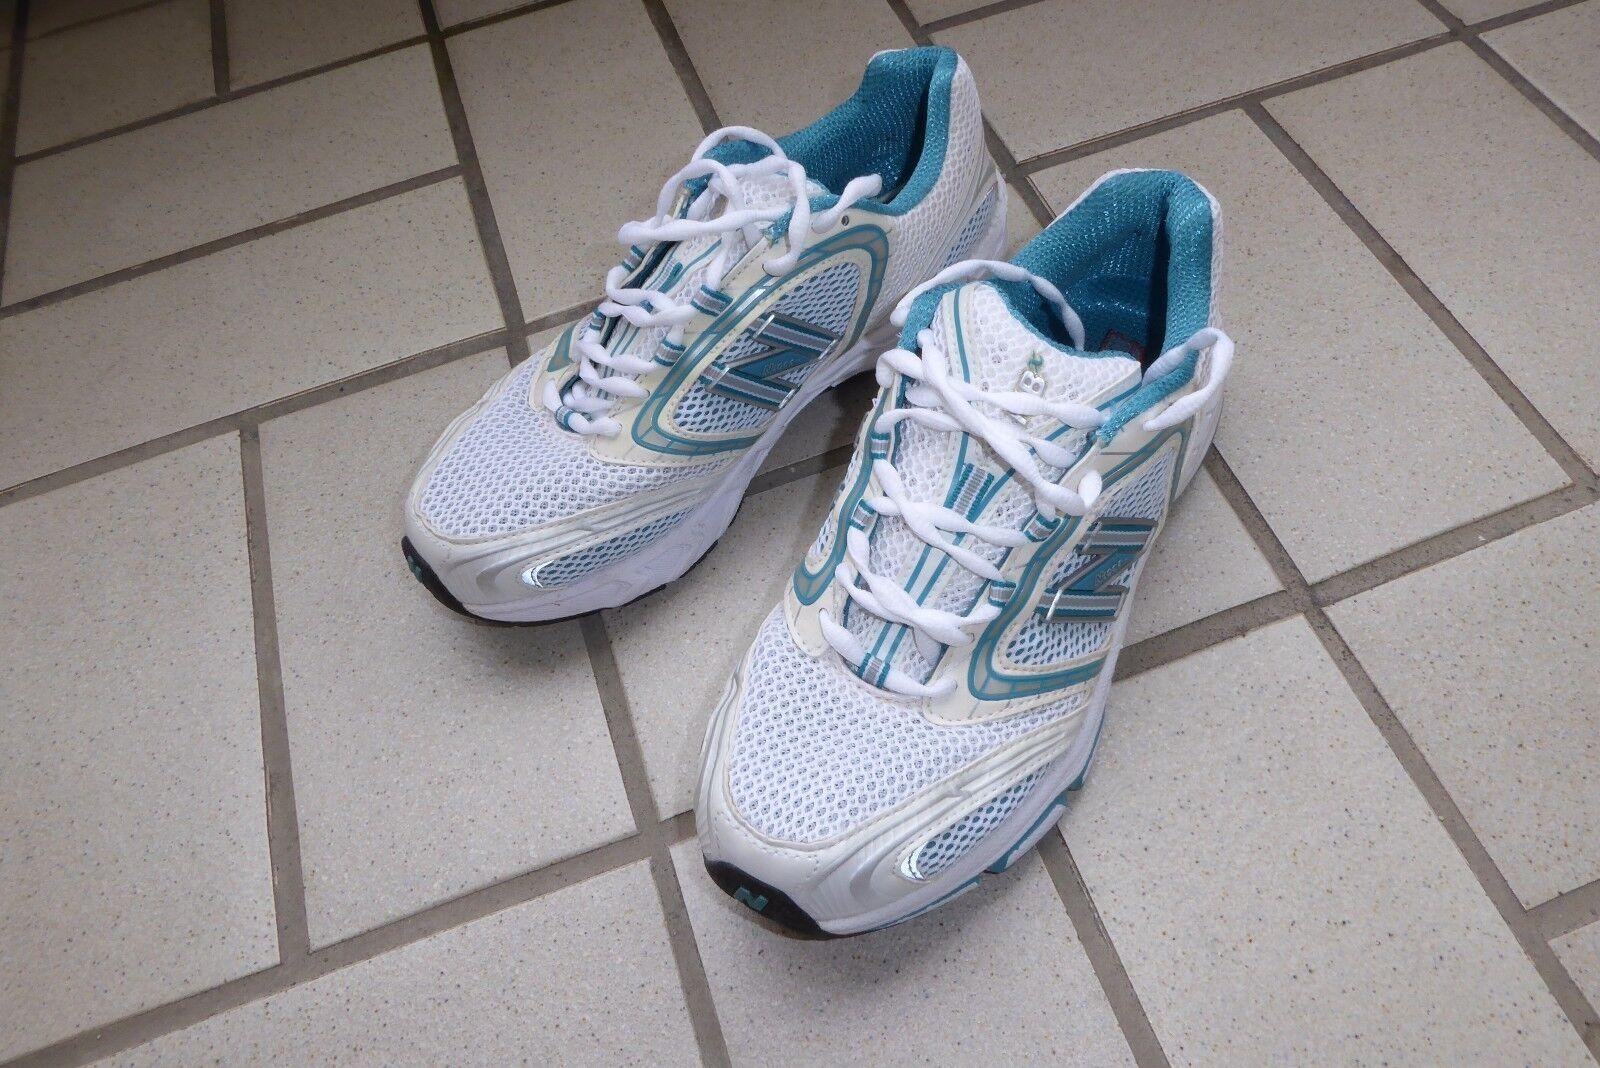 New Balance Schuhe Sneaker Turnschuhe Größe 10  bzw 41 1/2 blau weiß